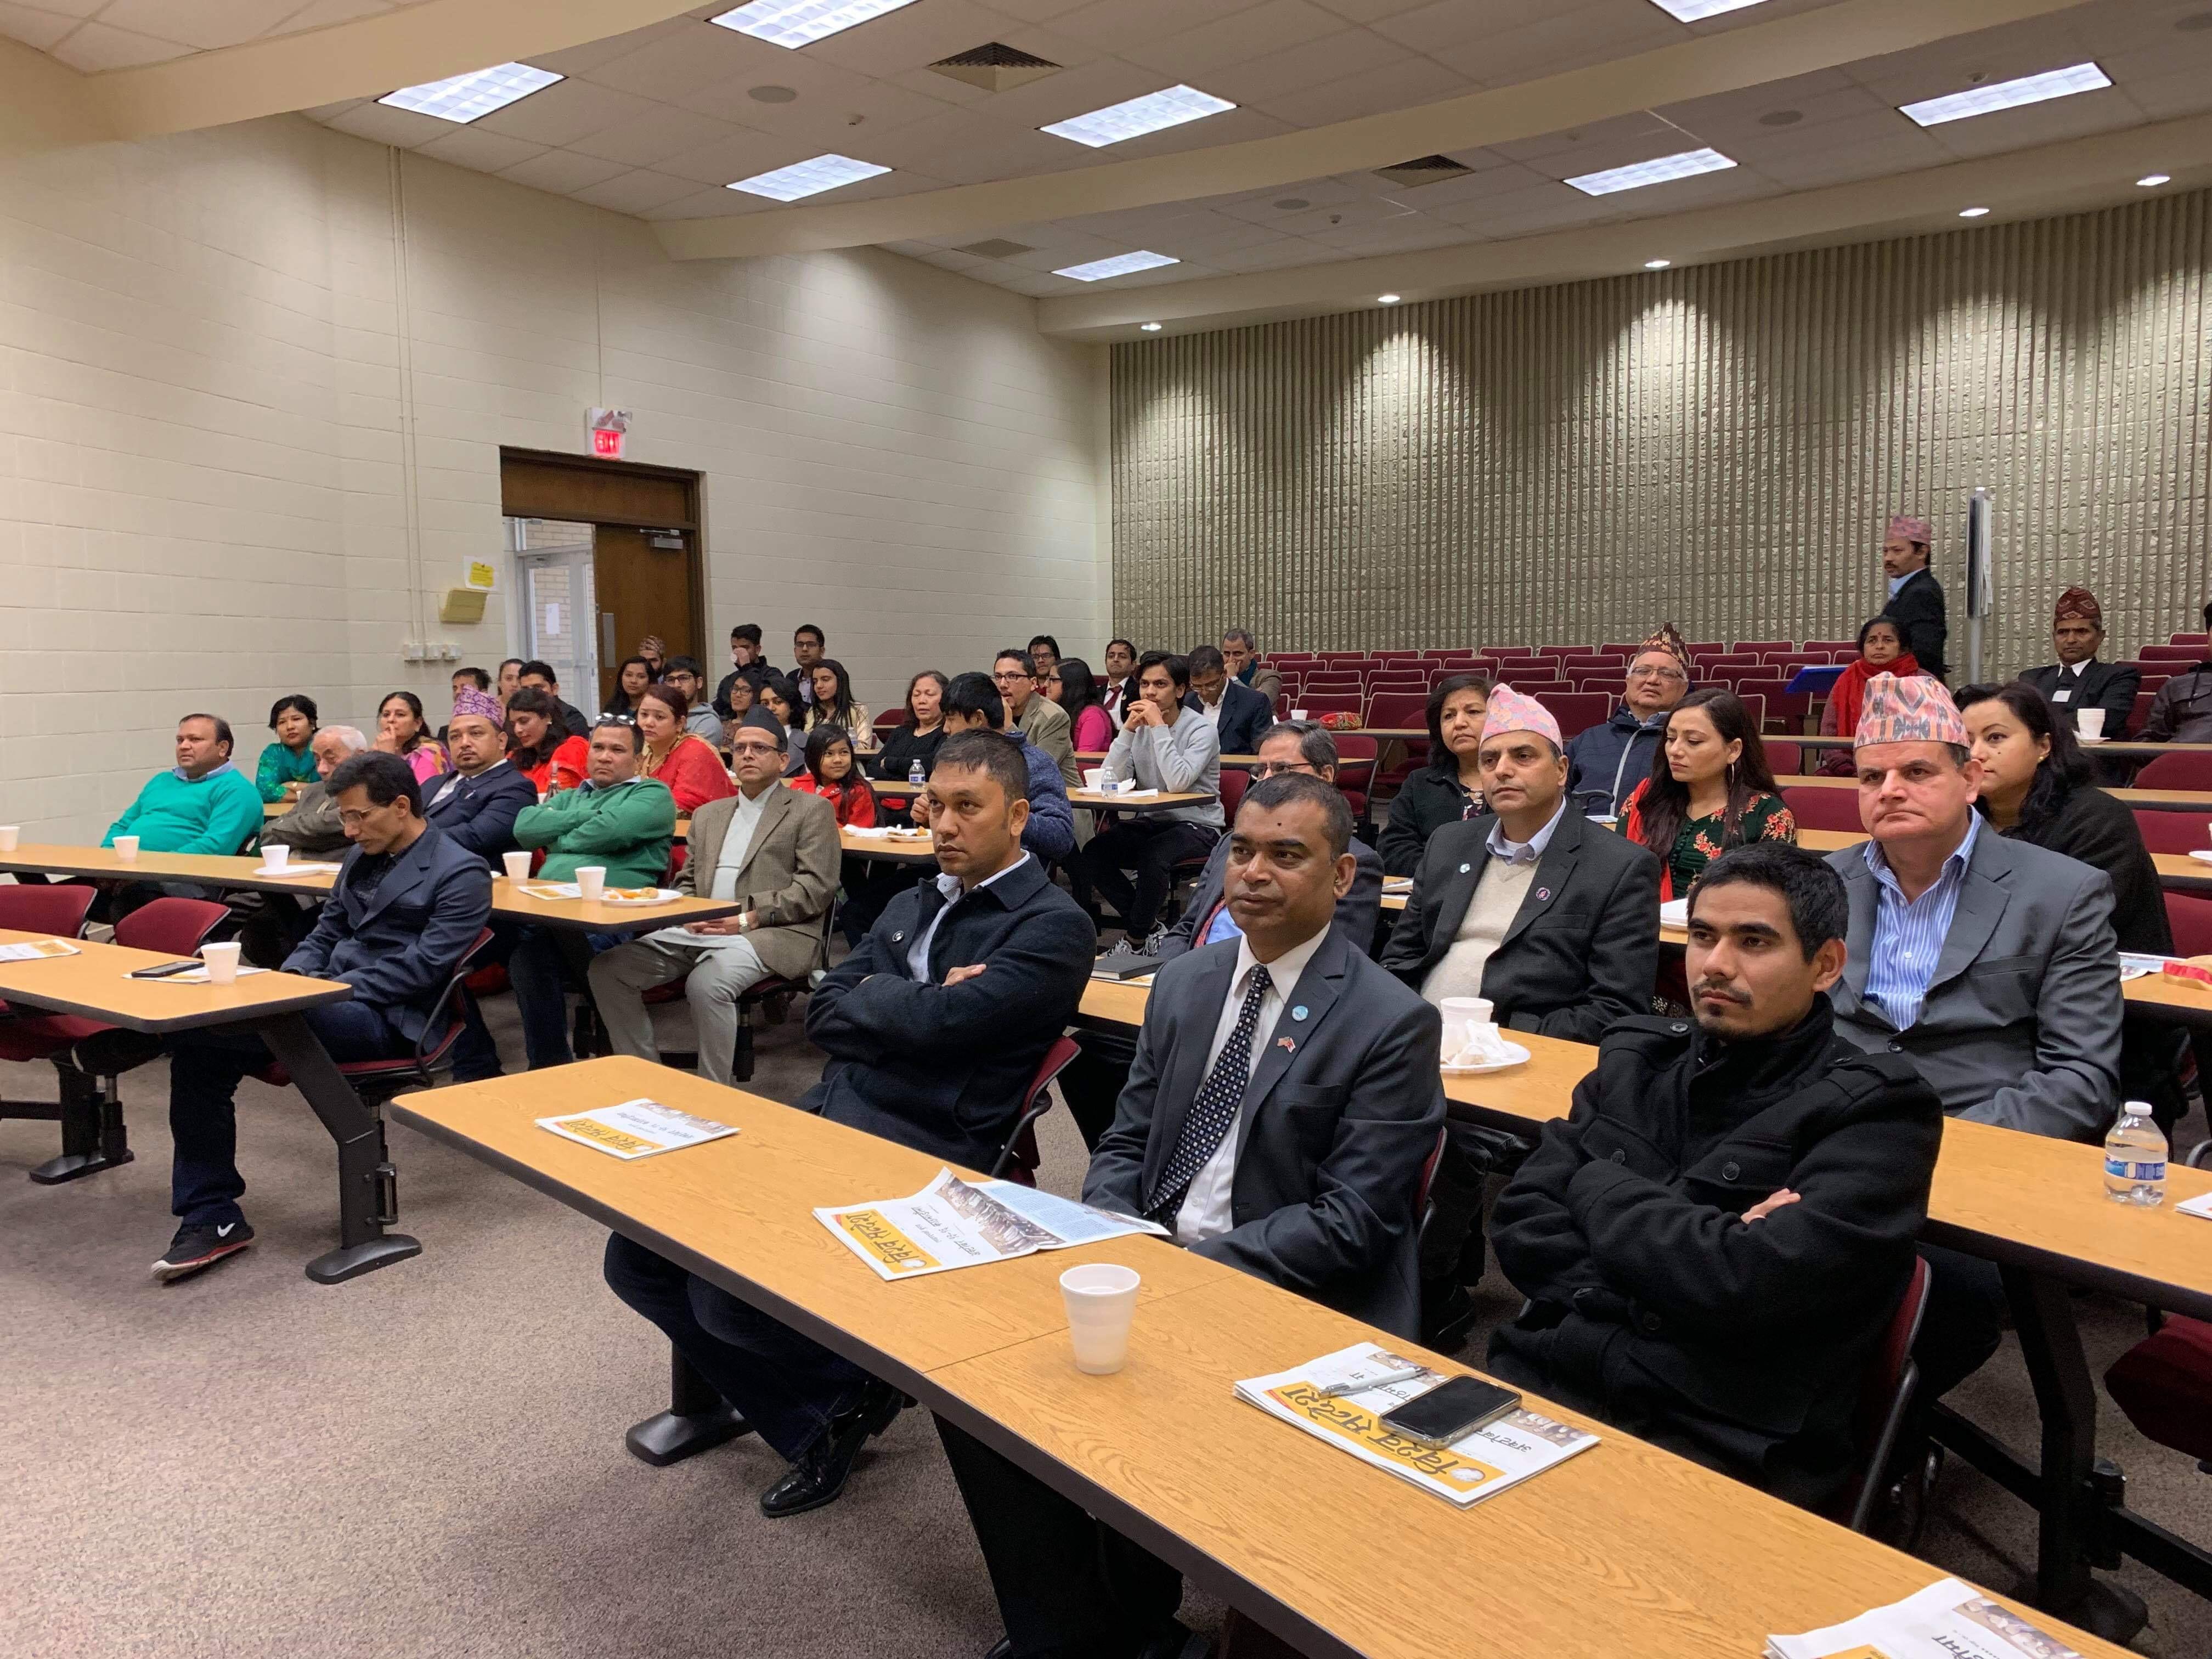 टेक्सासमा 'लवक समाज'को पाँचौं वर्षगाँठ सम्पन्न